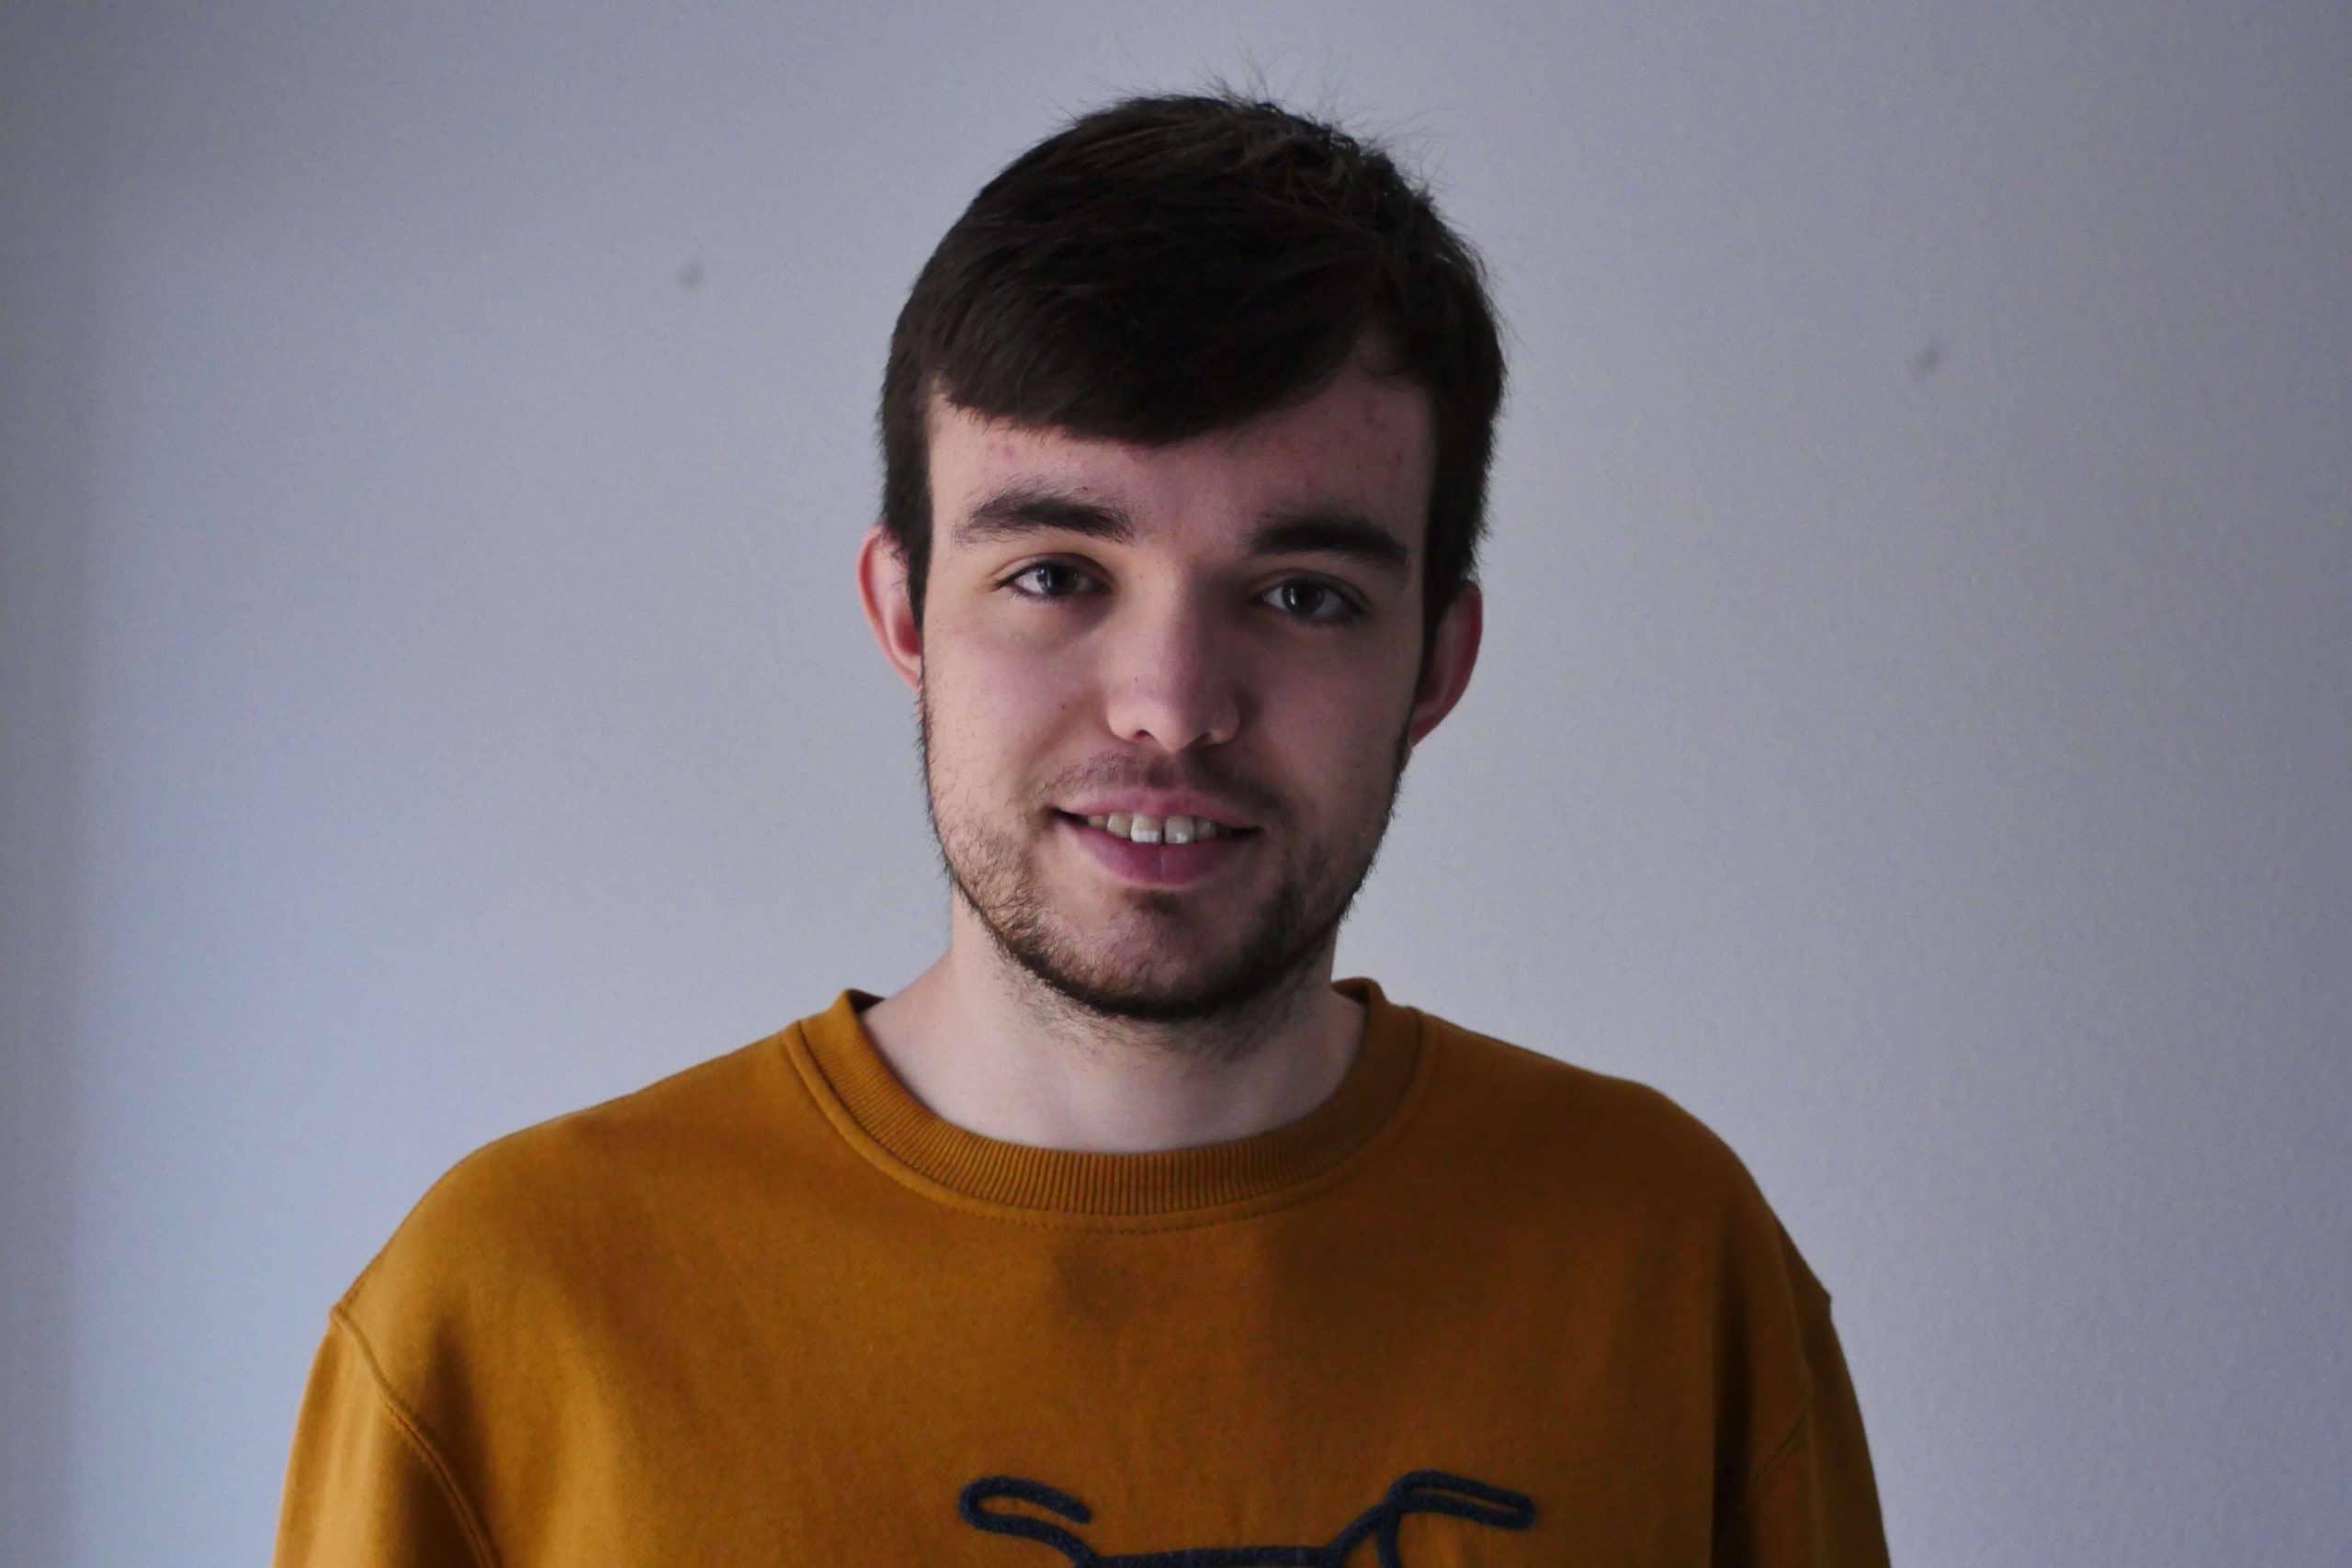 Trabajar en ciberseguridad, Alejandro Ulises alumno de U-tad